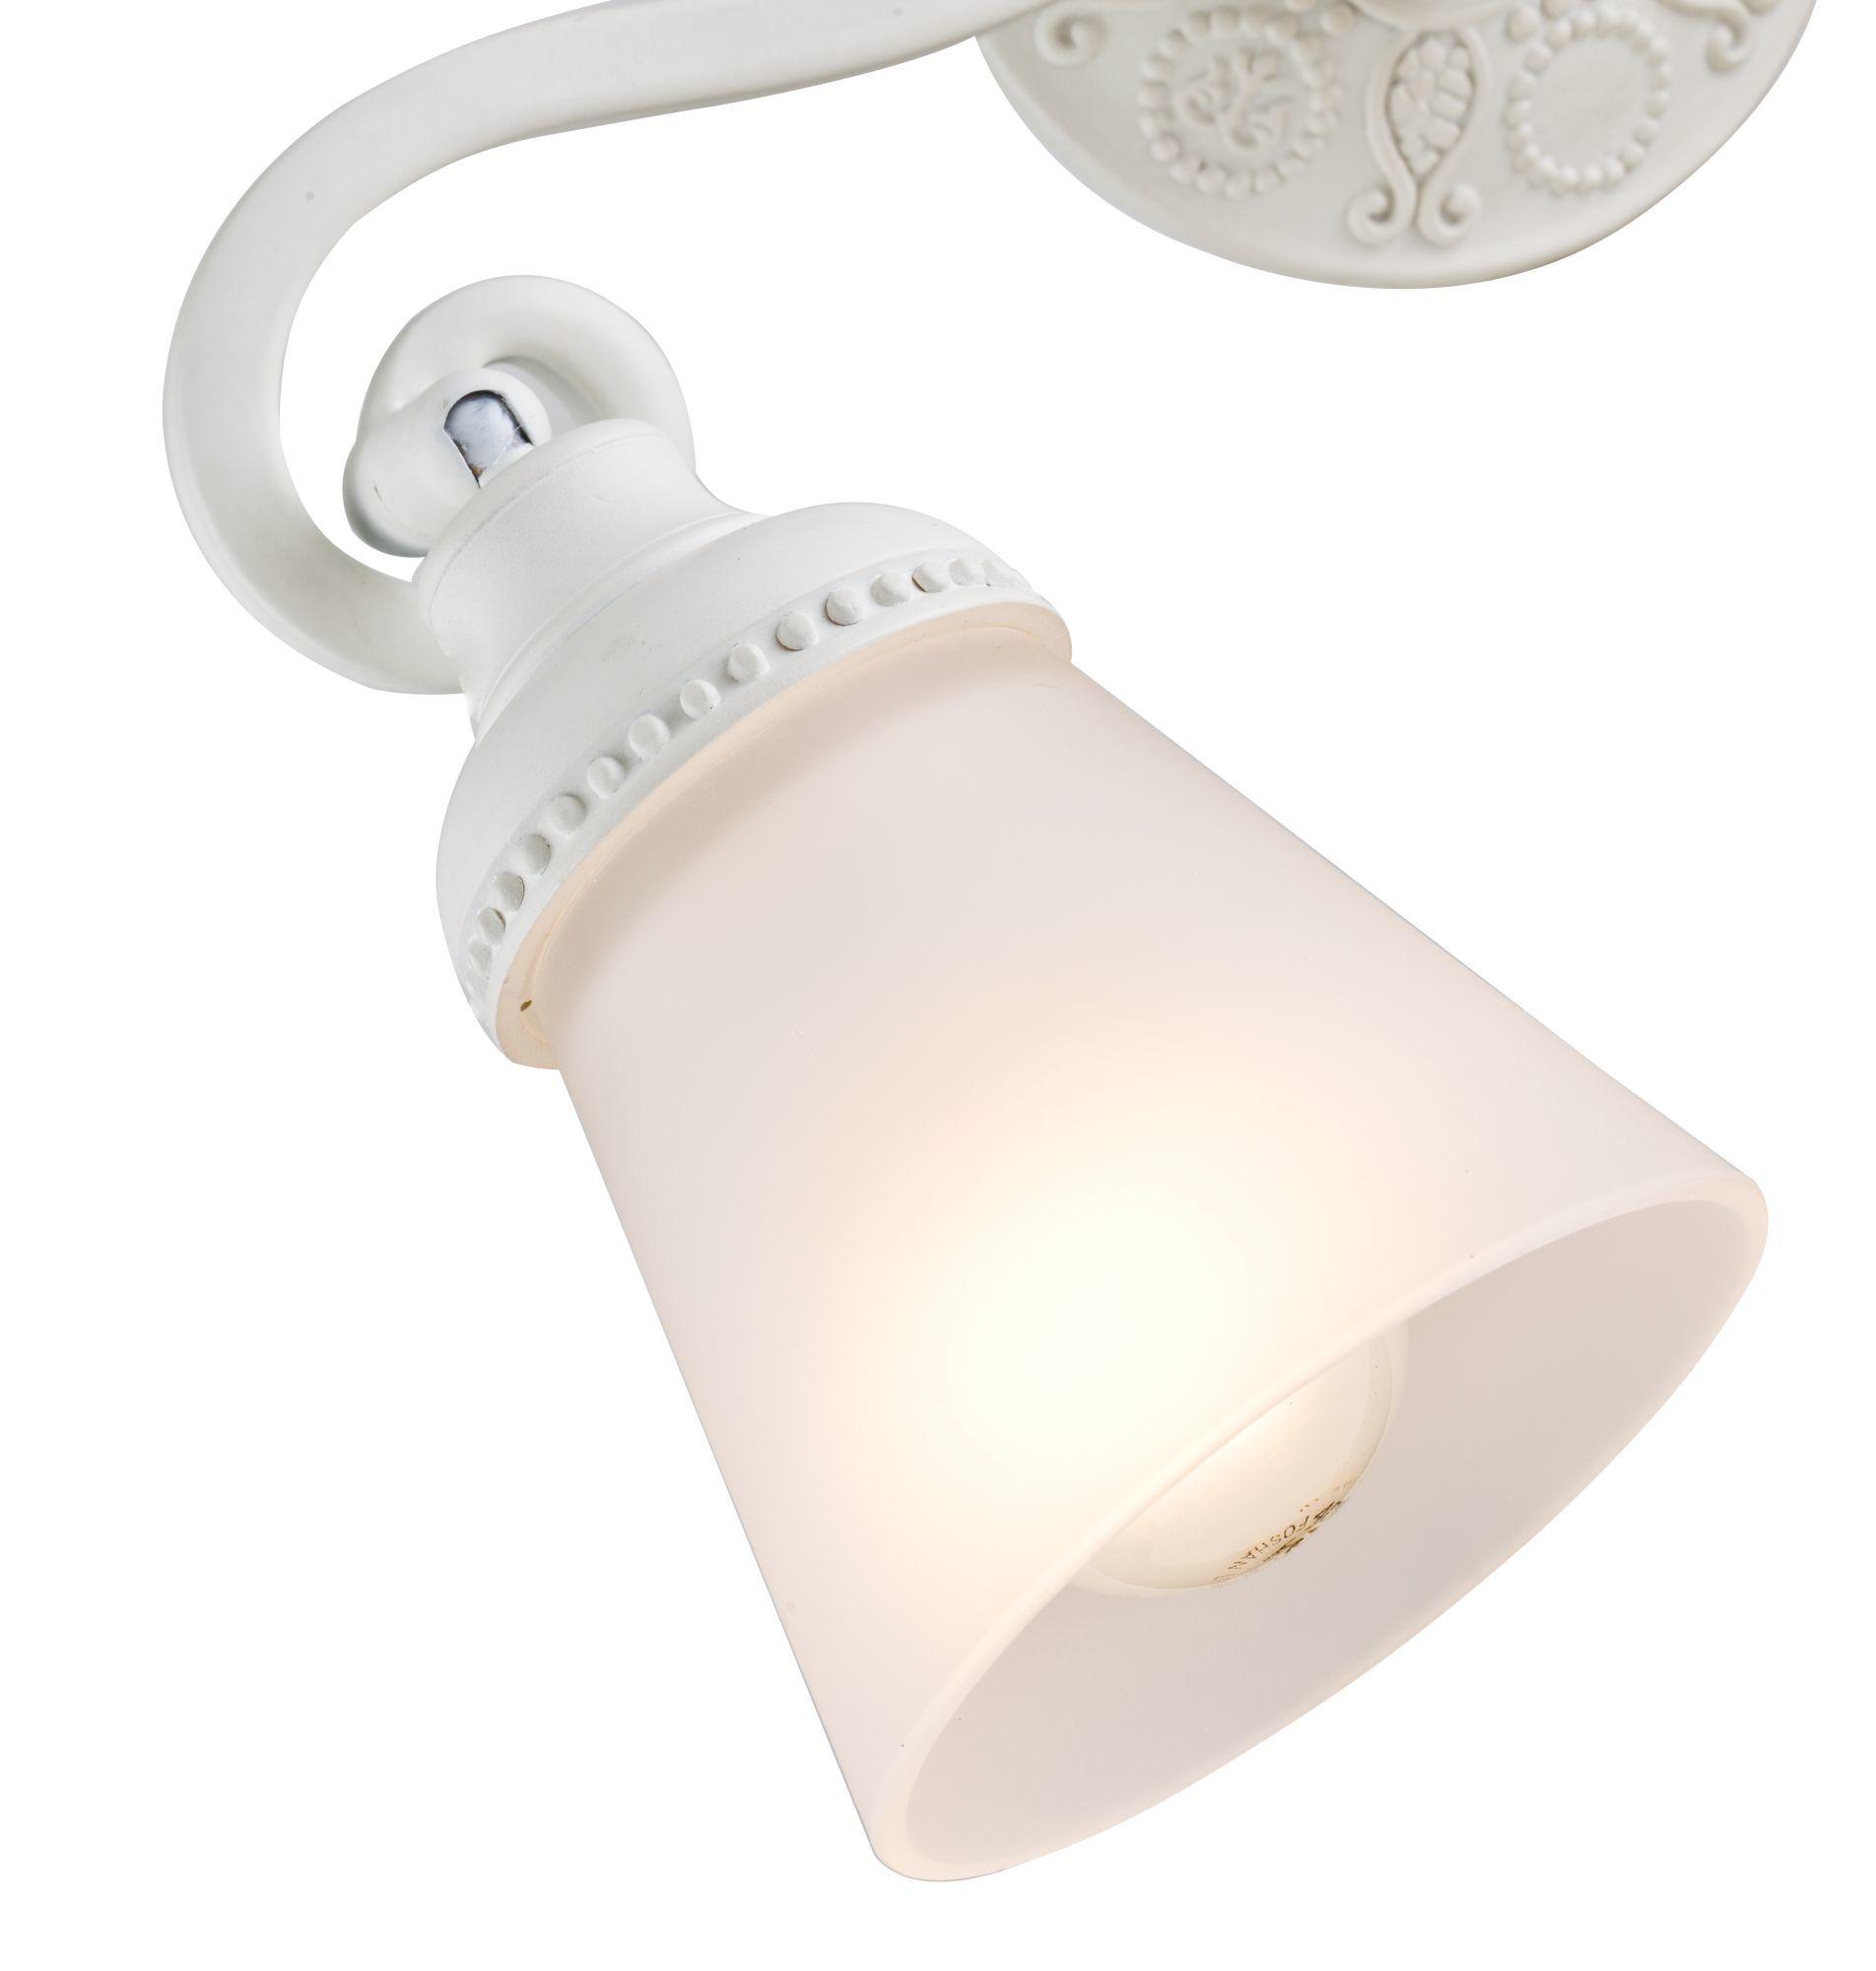 Потолочный светильник с регулировкой направления света Maytoni Classic Mia SP564-CW-02-W (ECO564-02-W), 2xE14x40W, белый, металл, стекло - фото 5